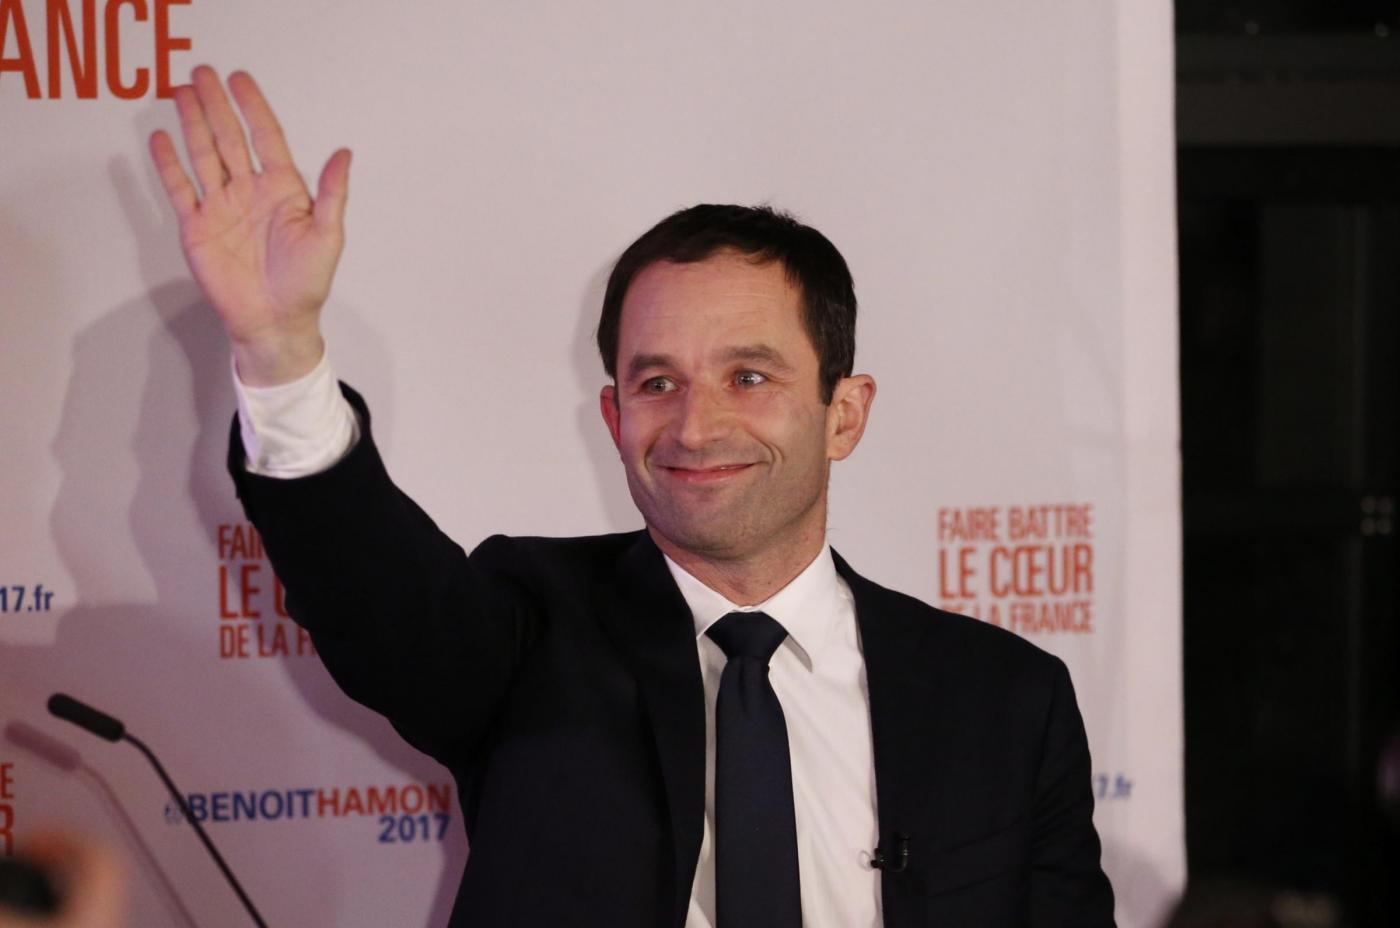 Benoit Hamon vince le primarie della sinistra